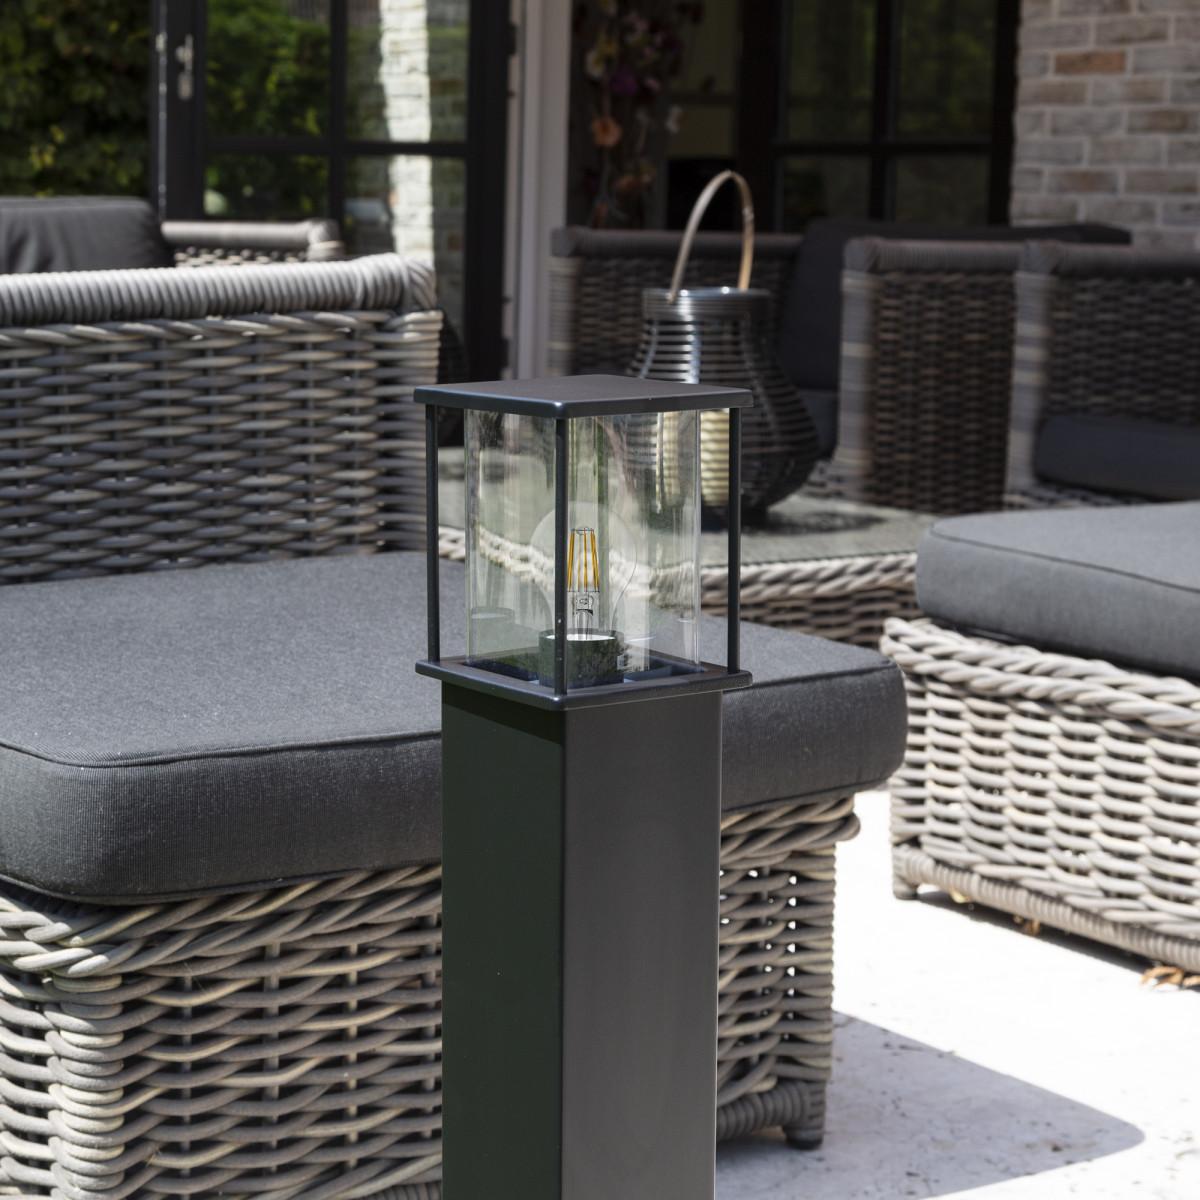 Zwarte tuinlamp 70 cm hoog strak design verlichtingsarmatuur voor buiten vierkante paal met box design lantaarnkap met heldere beglazing rondom lichtval